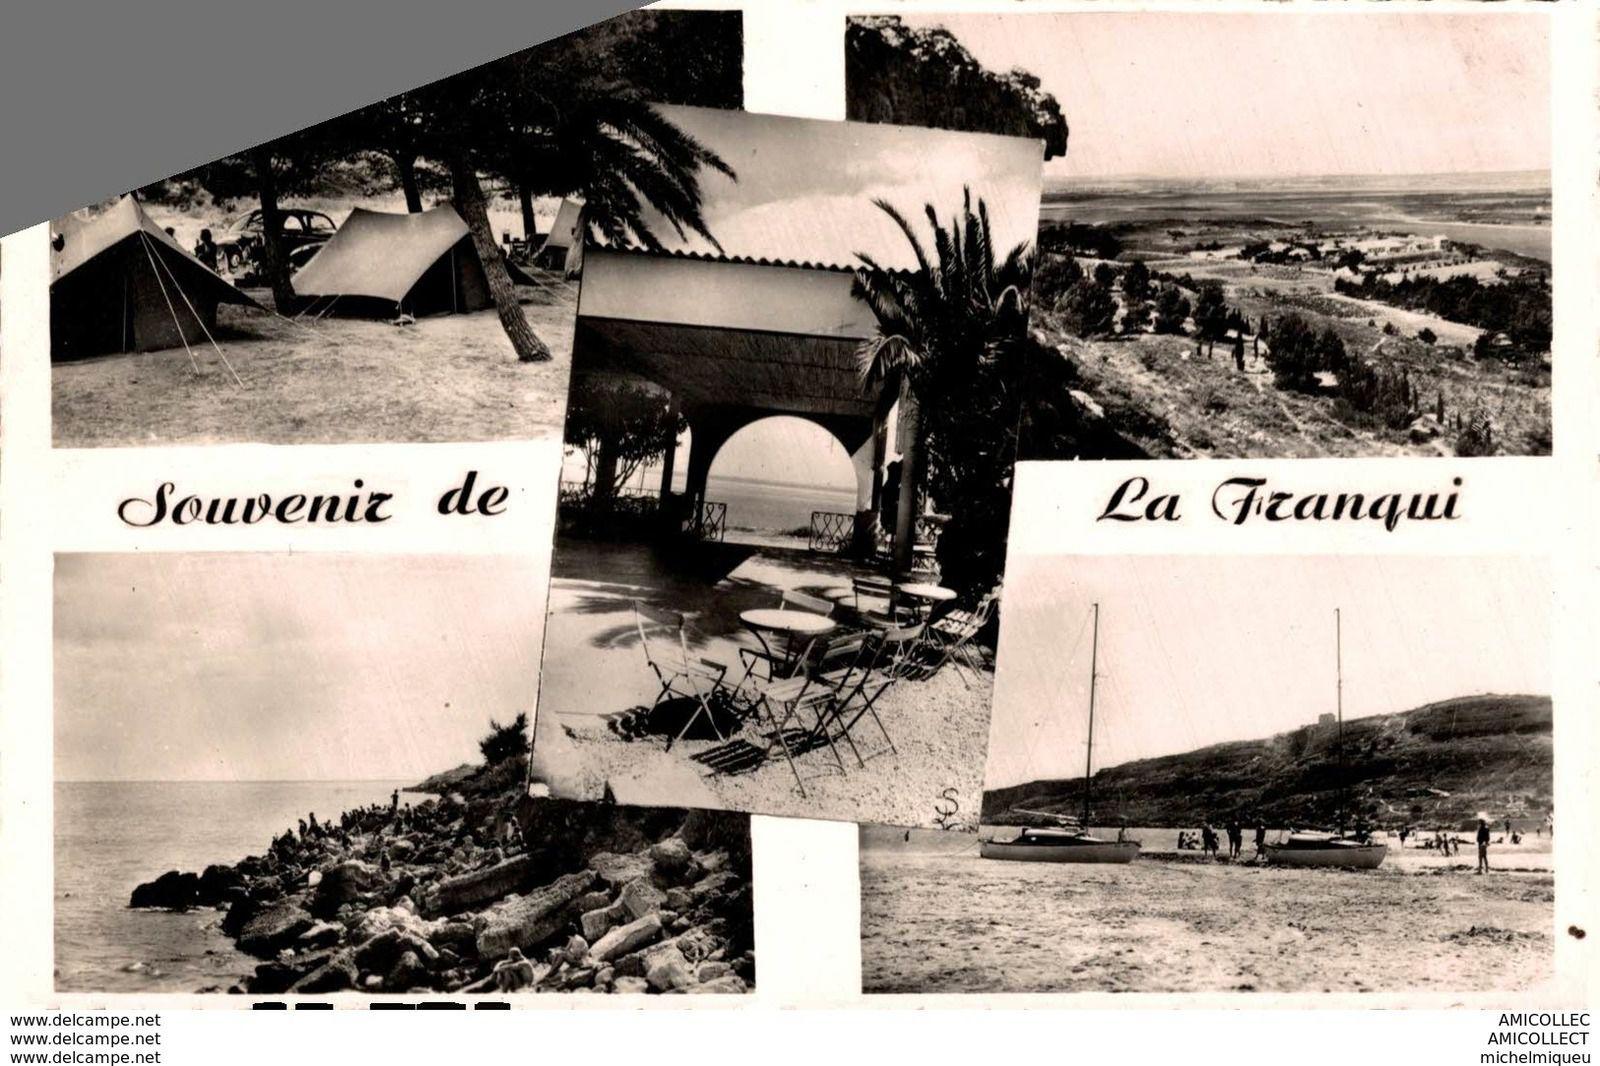 La Franqui. Leucate. Station balnéaire.